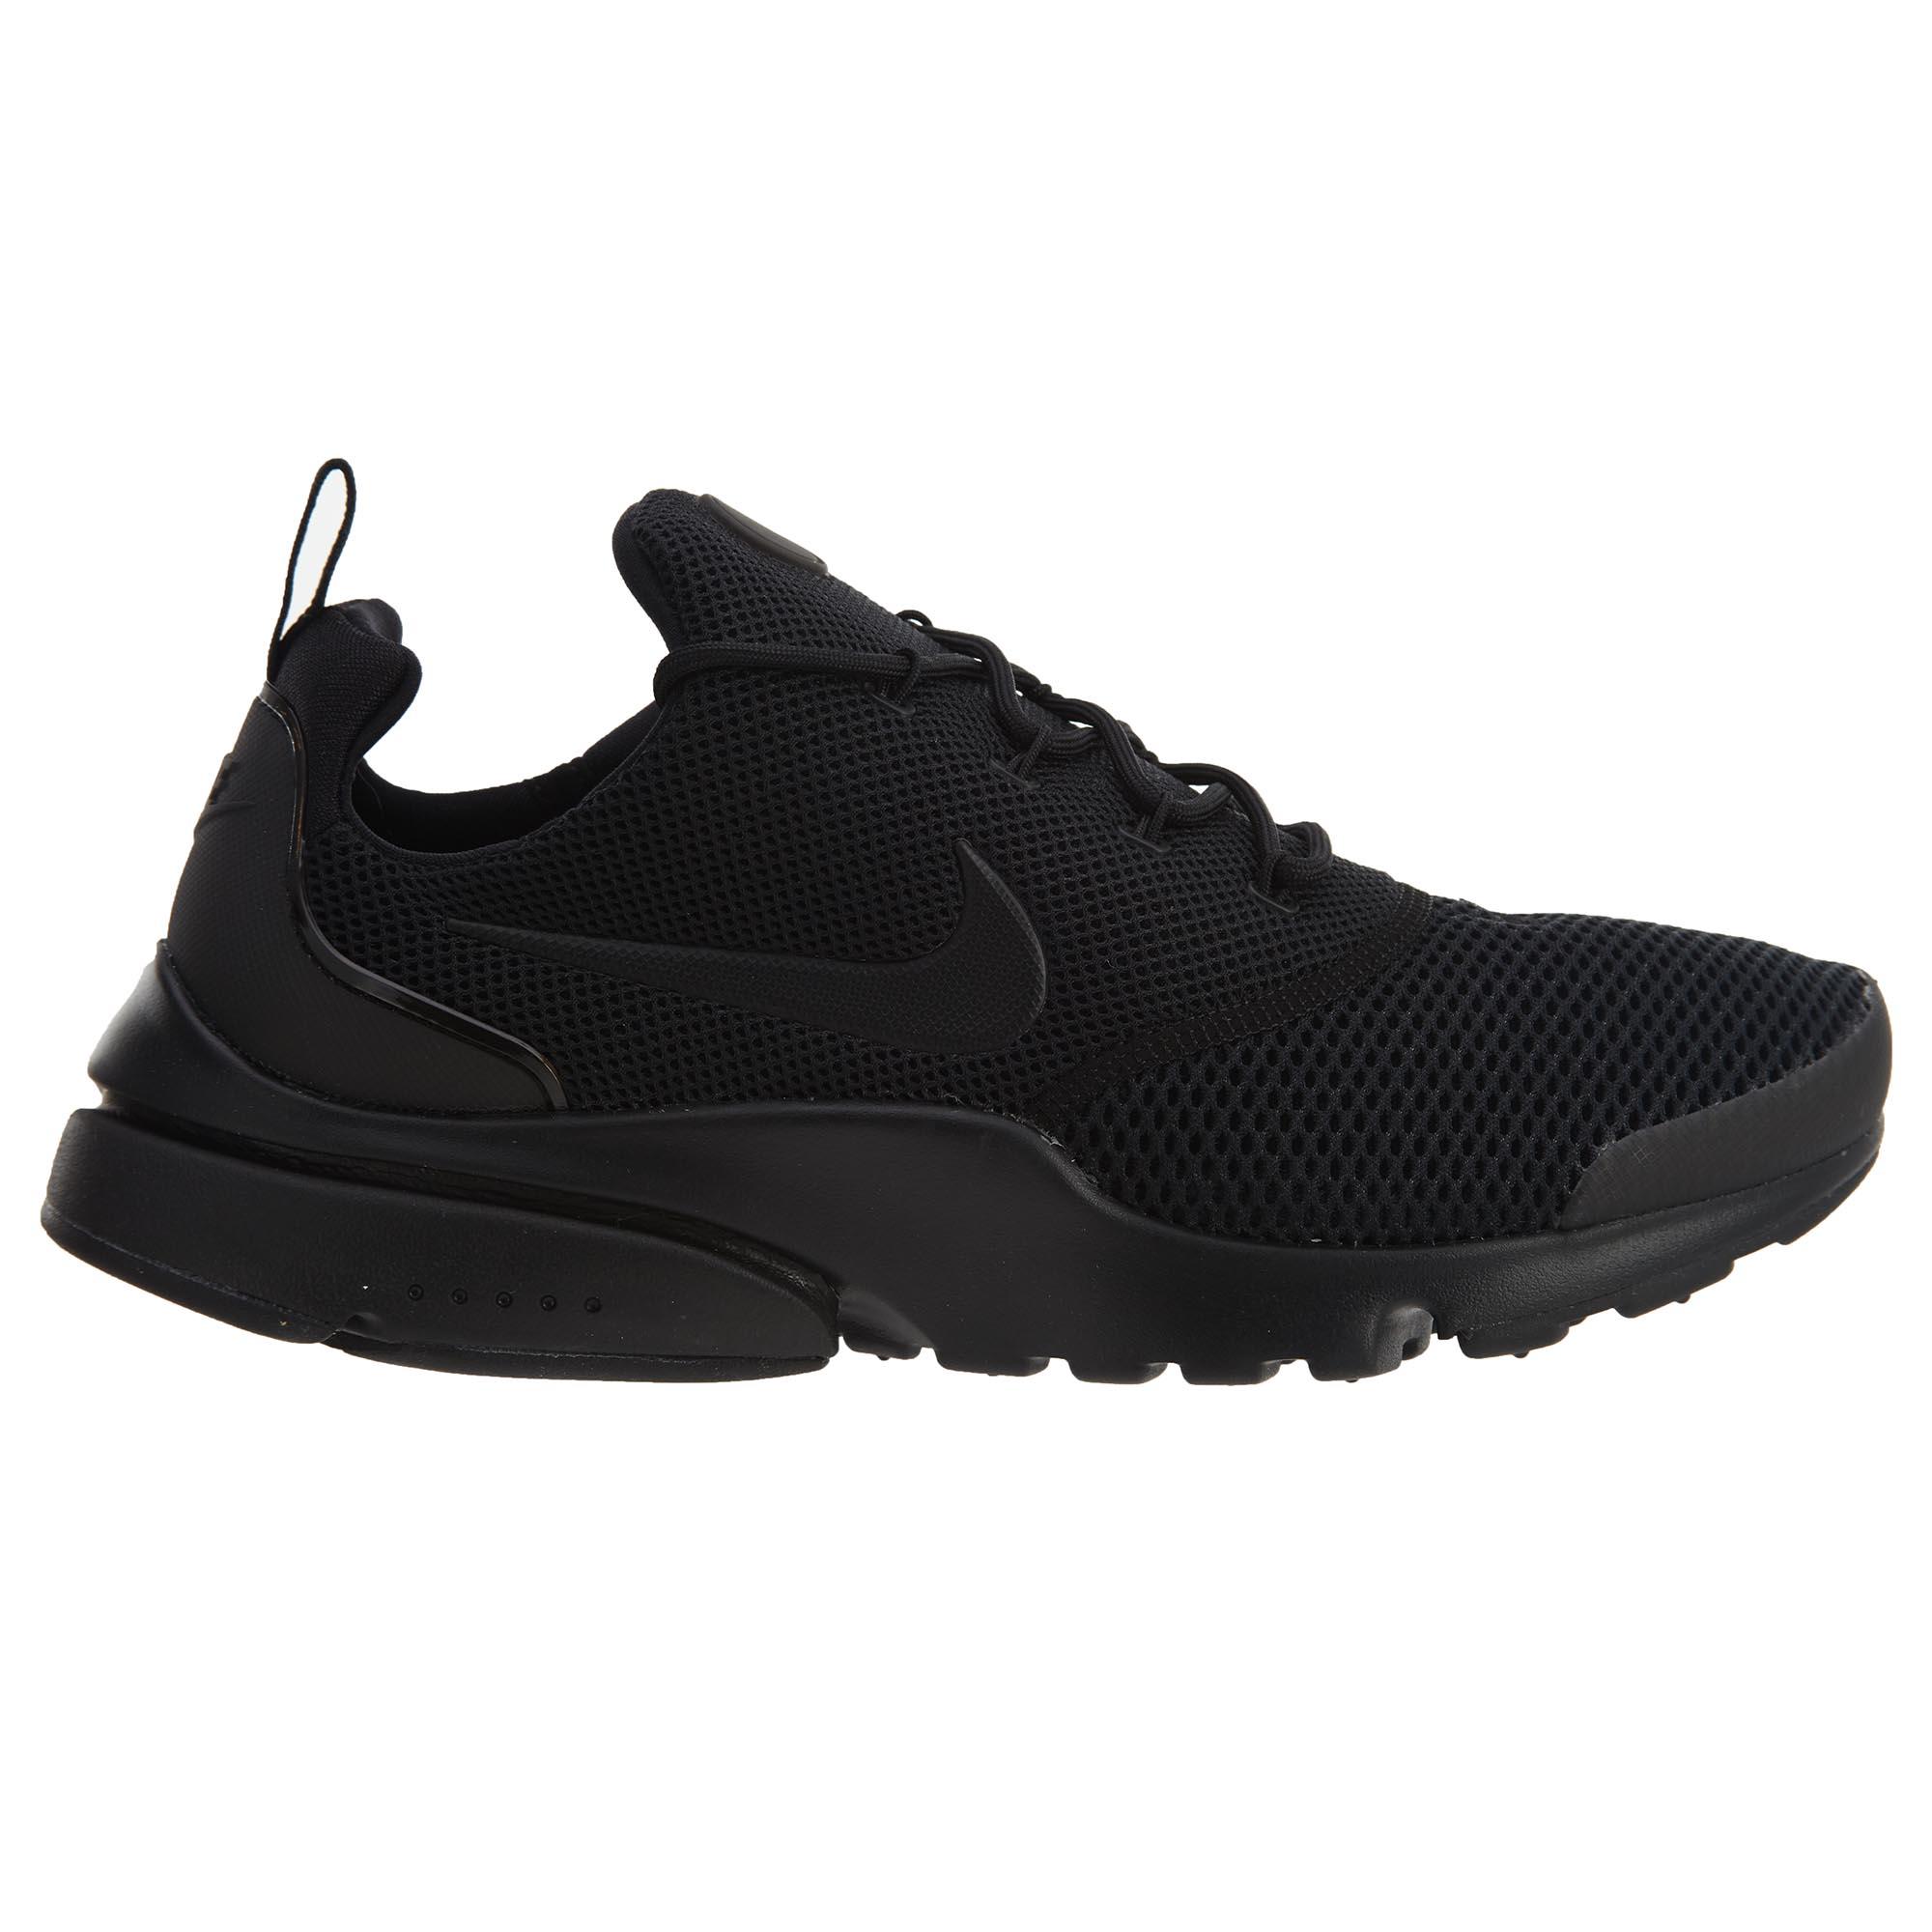 Nike Presto Fly Black/Black-Black - 908019-001